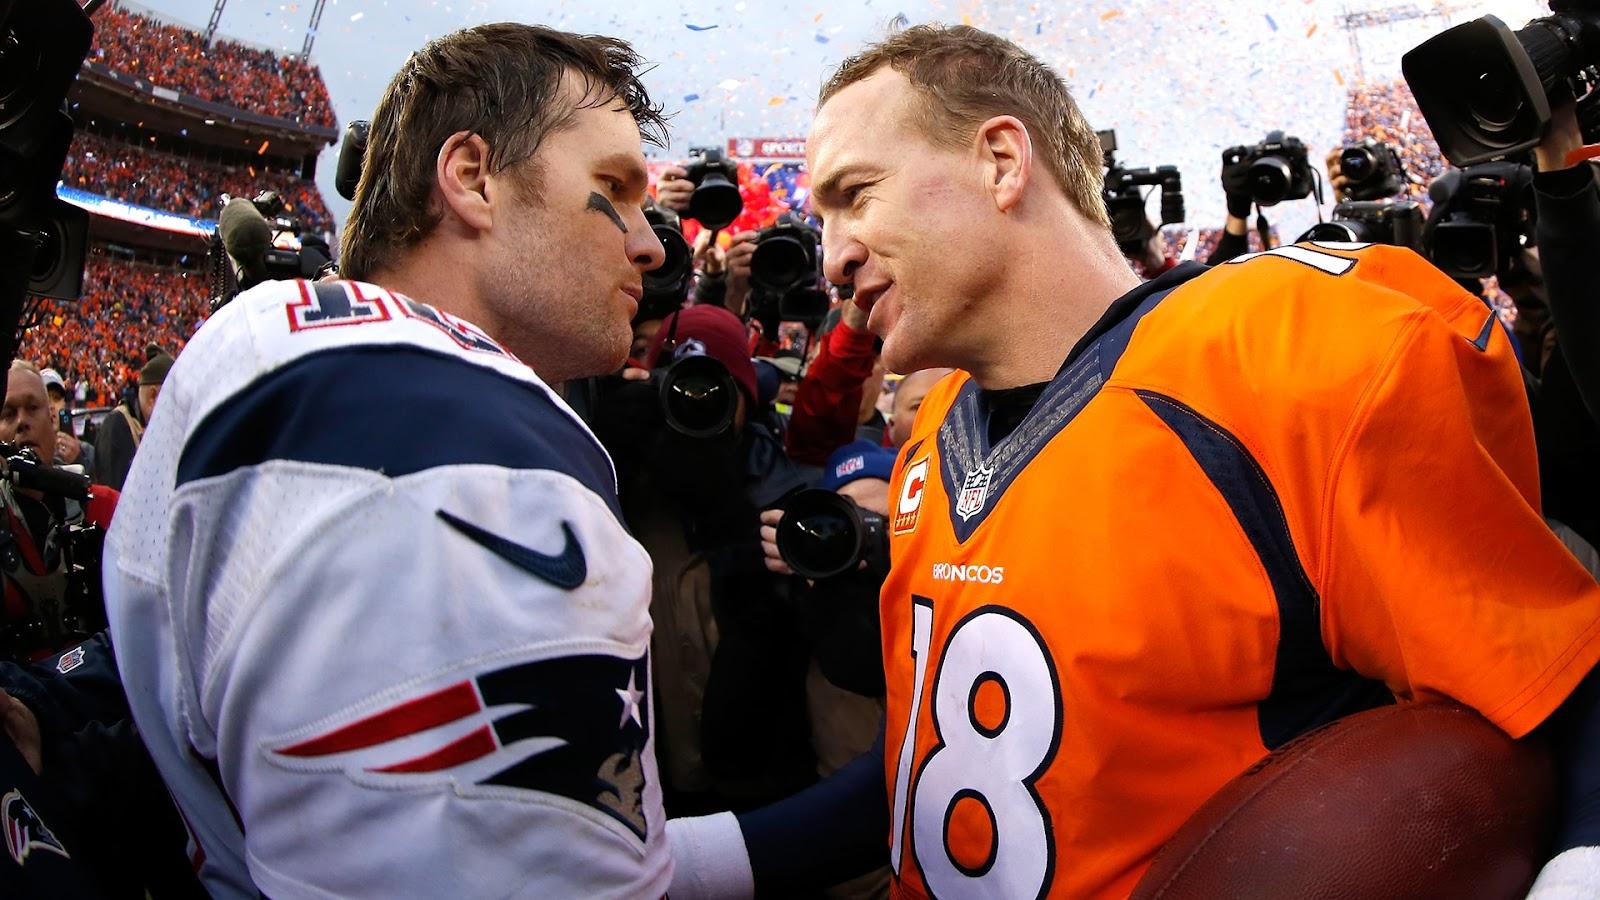 Tom Brady của New England Patriots và Peyton Manning của Denver Broncos là những tiền vệ hàng đầu hiện nay.